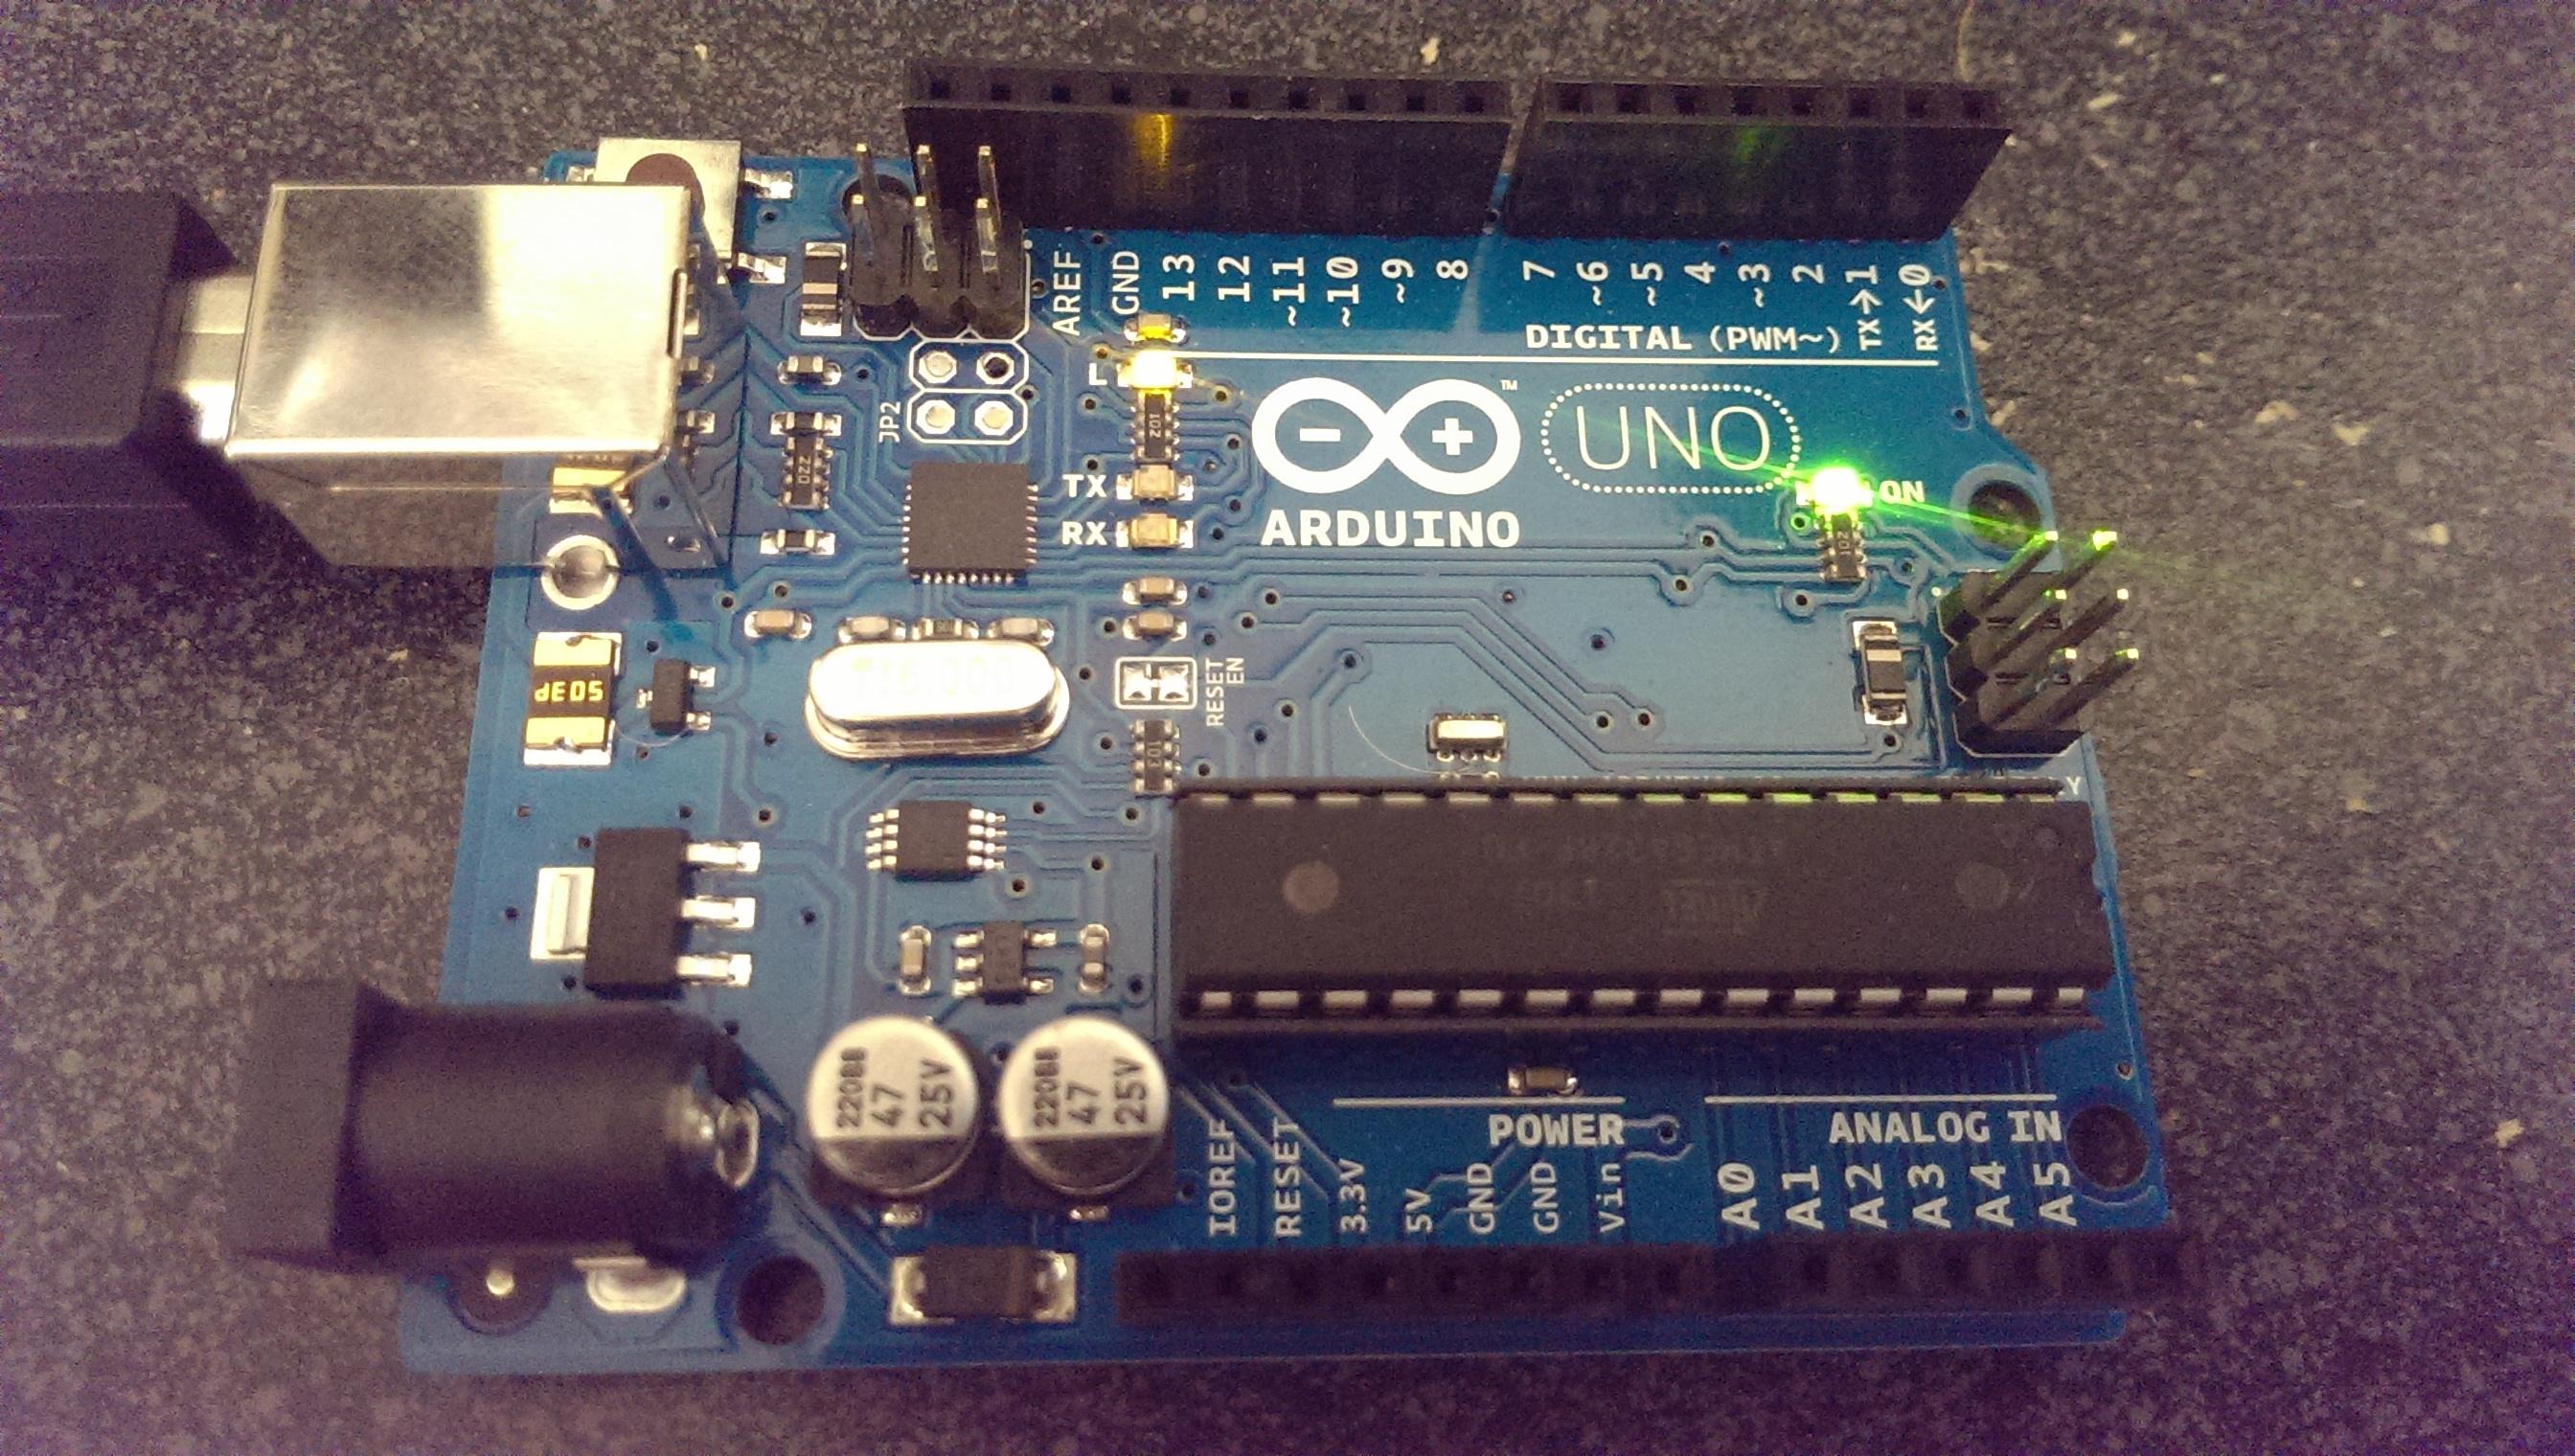 Arduino uno unbox to first program